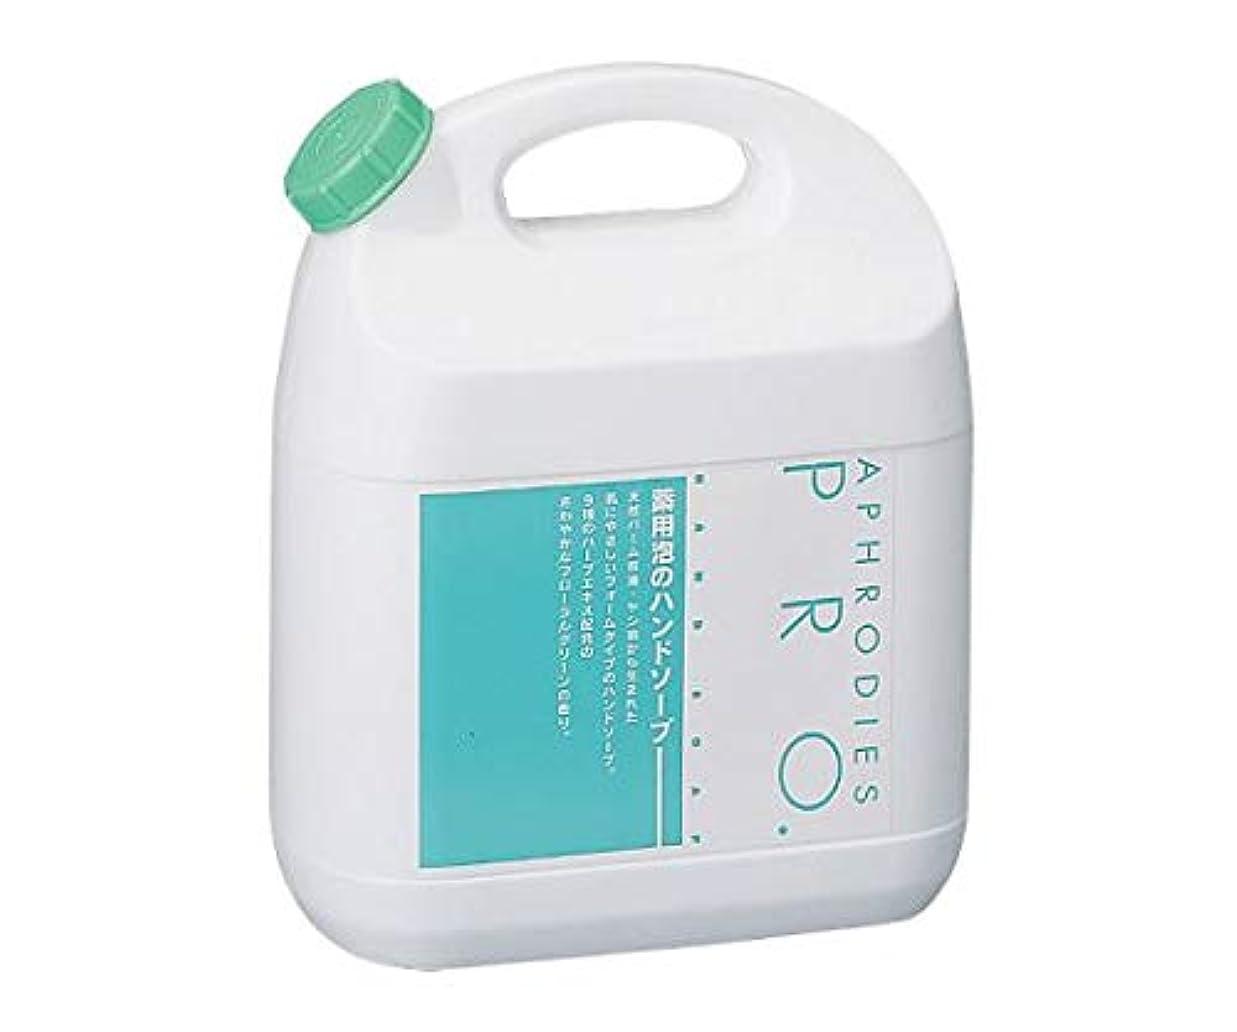 腐敗した億ポンドイワタニ理化 薬用泡のハンドソープ アフロディエスPRO 4L APHS-4A